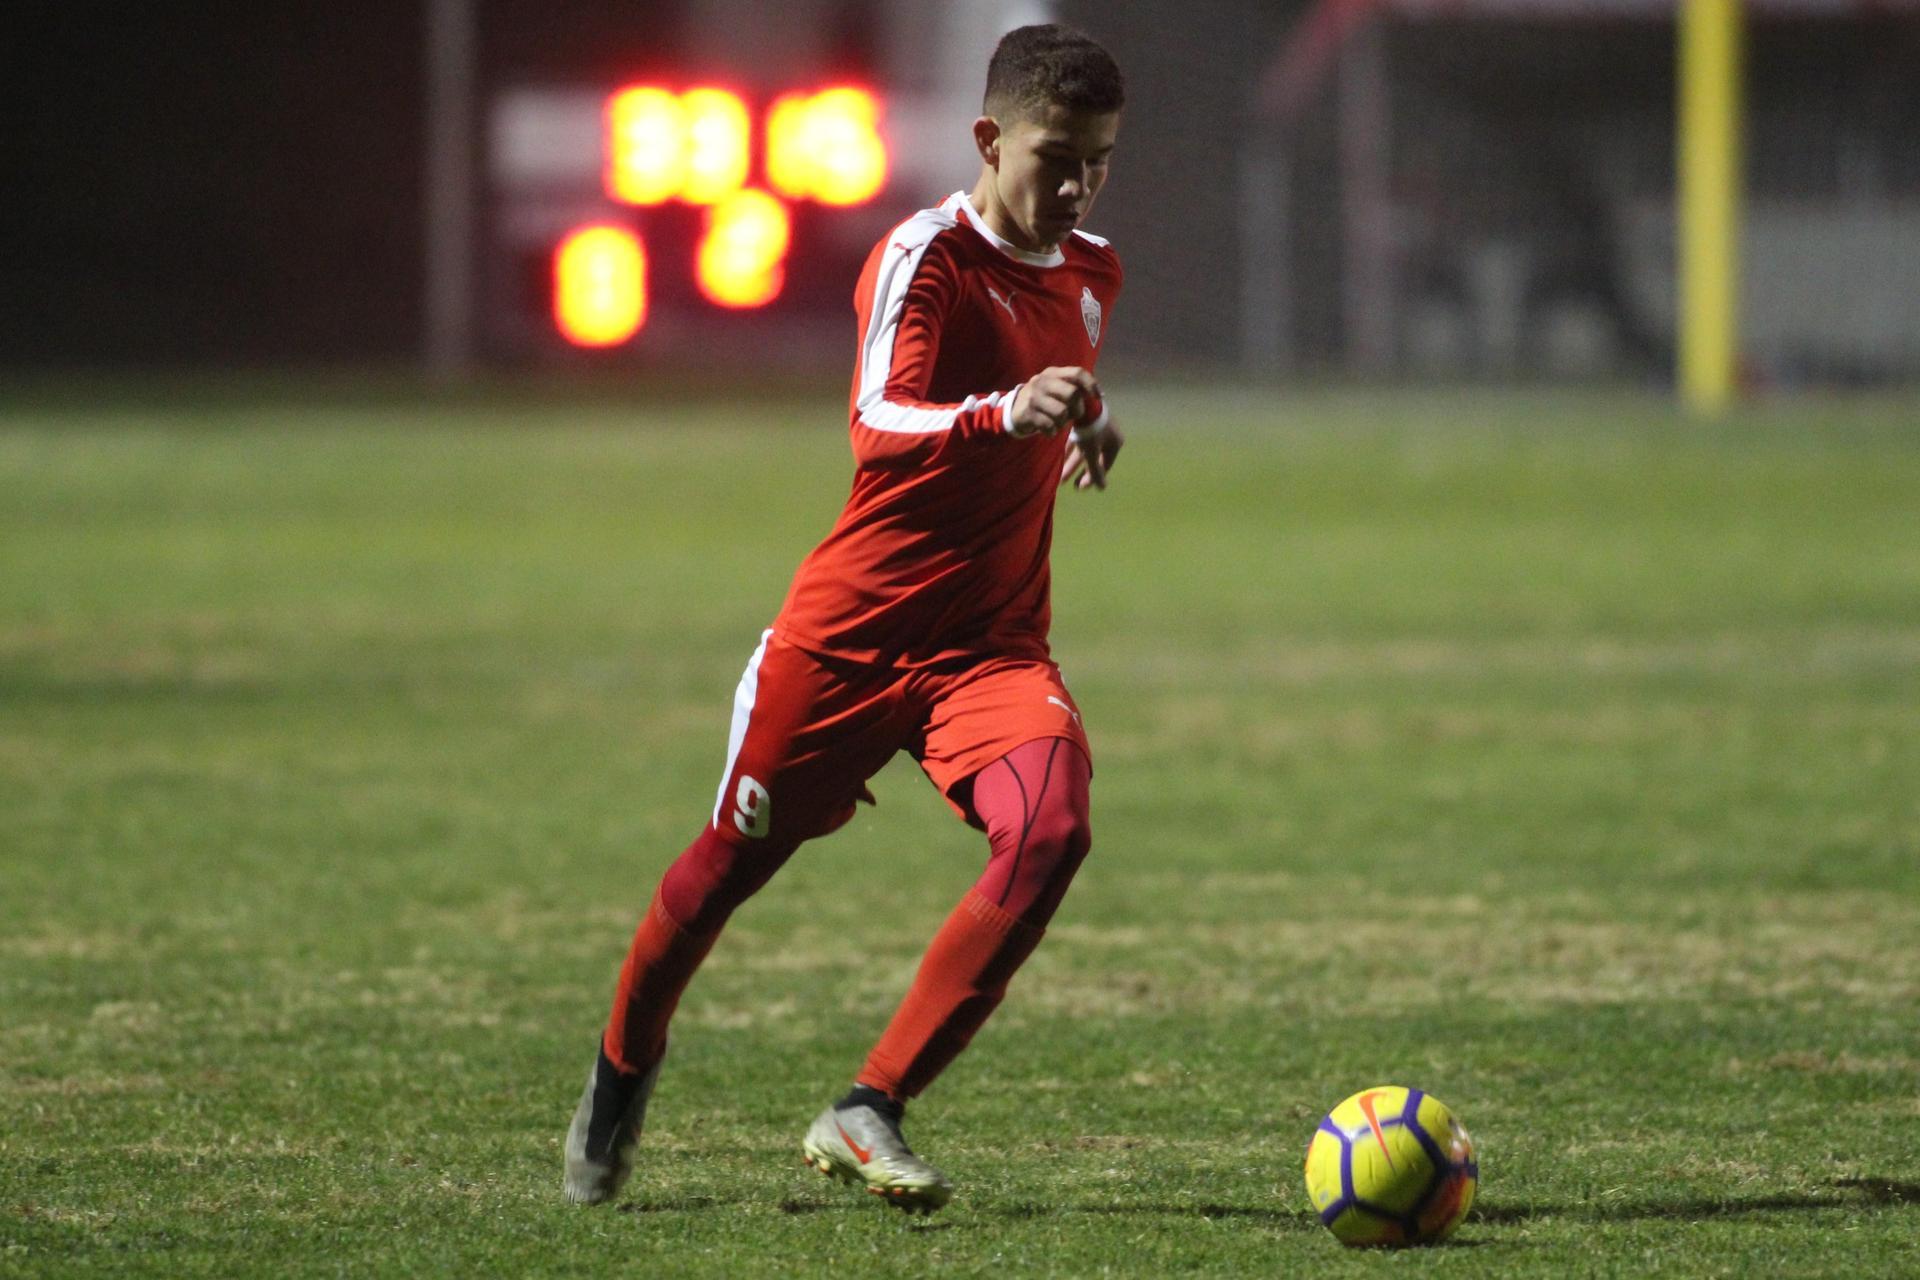 Student kicks the ball